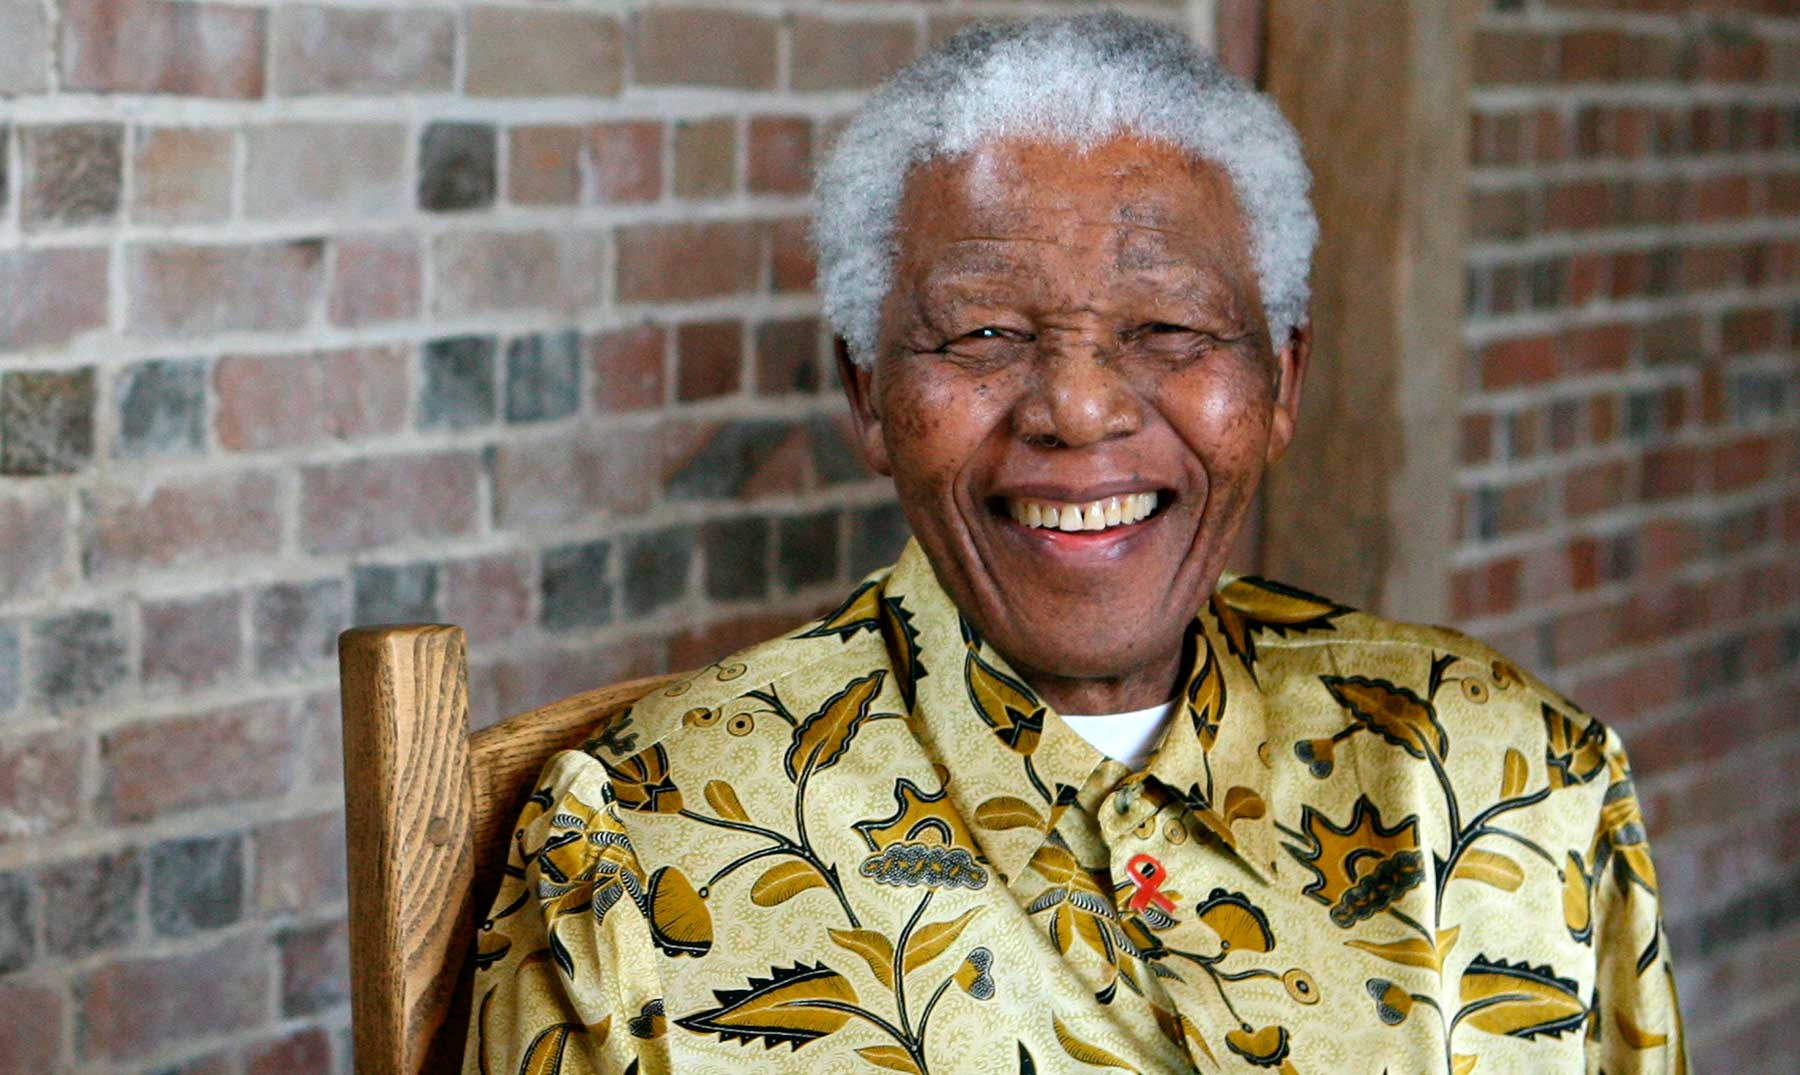 Quién Fue Nelson Mandela Historia Del Líder Contra La Segregación Racial